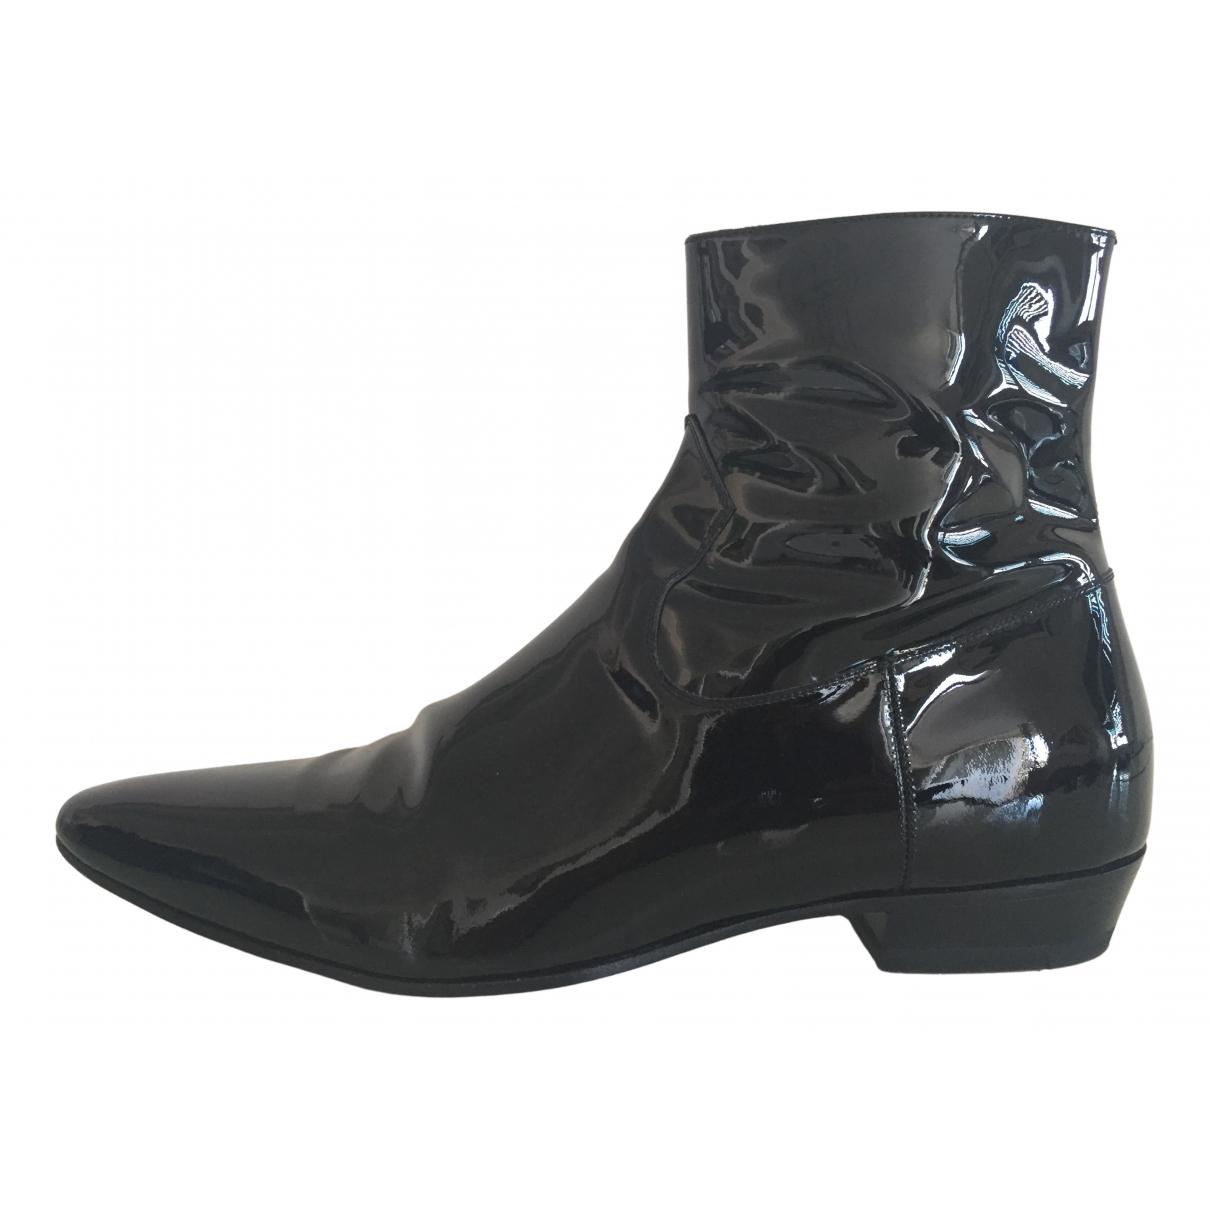 Saint Laurent - Bottes.Boots   pour homme en cuir verni - noir